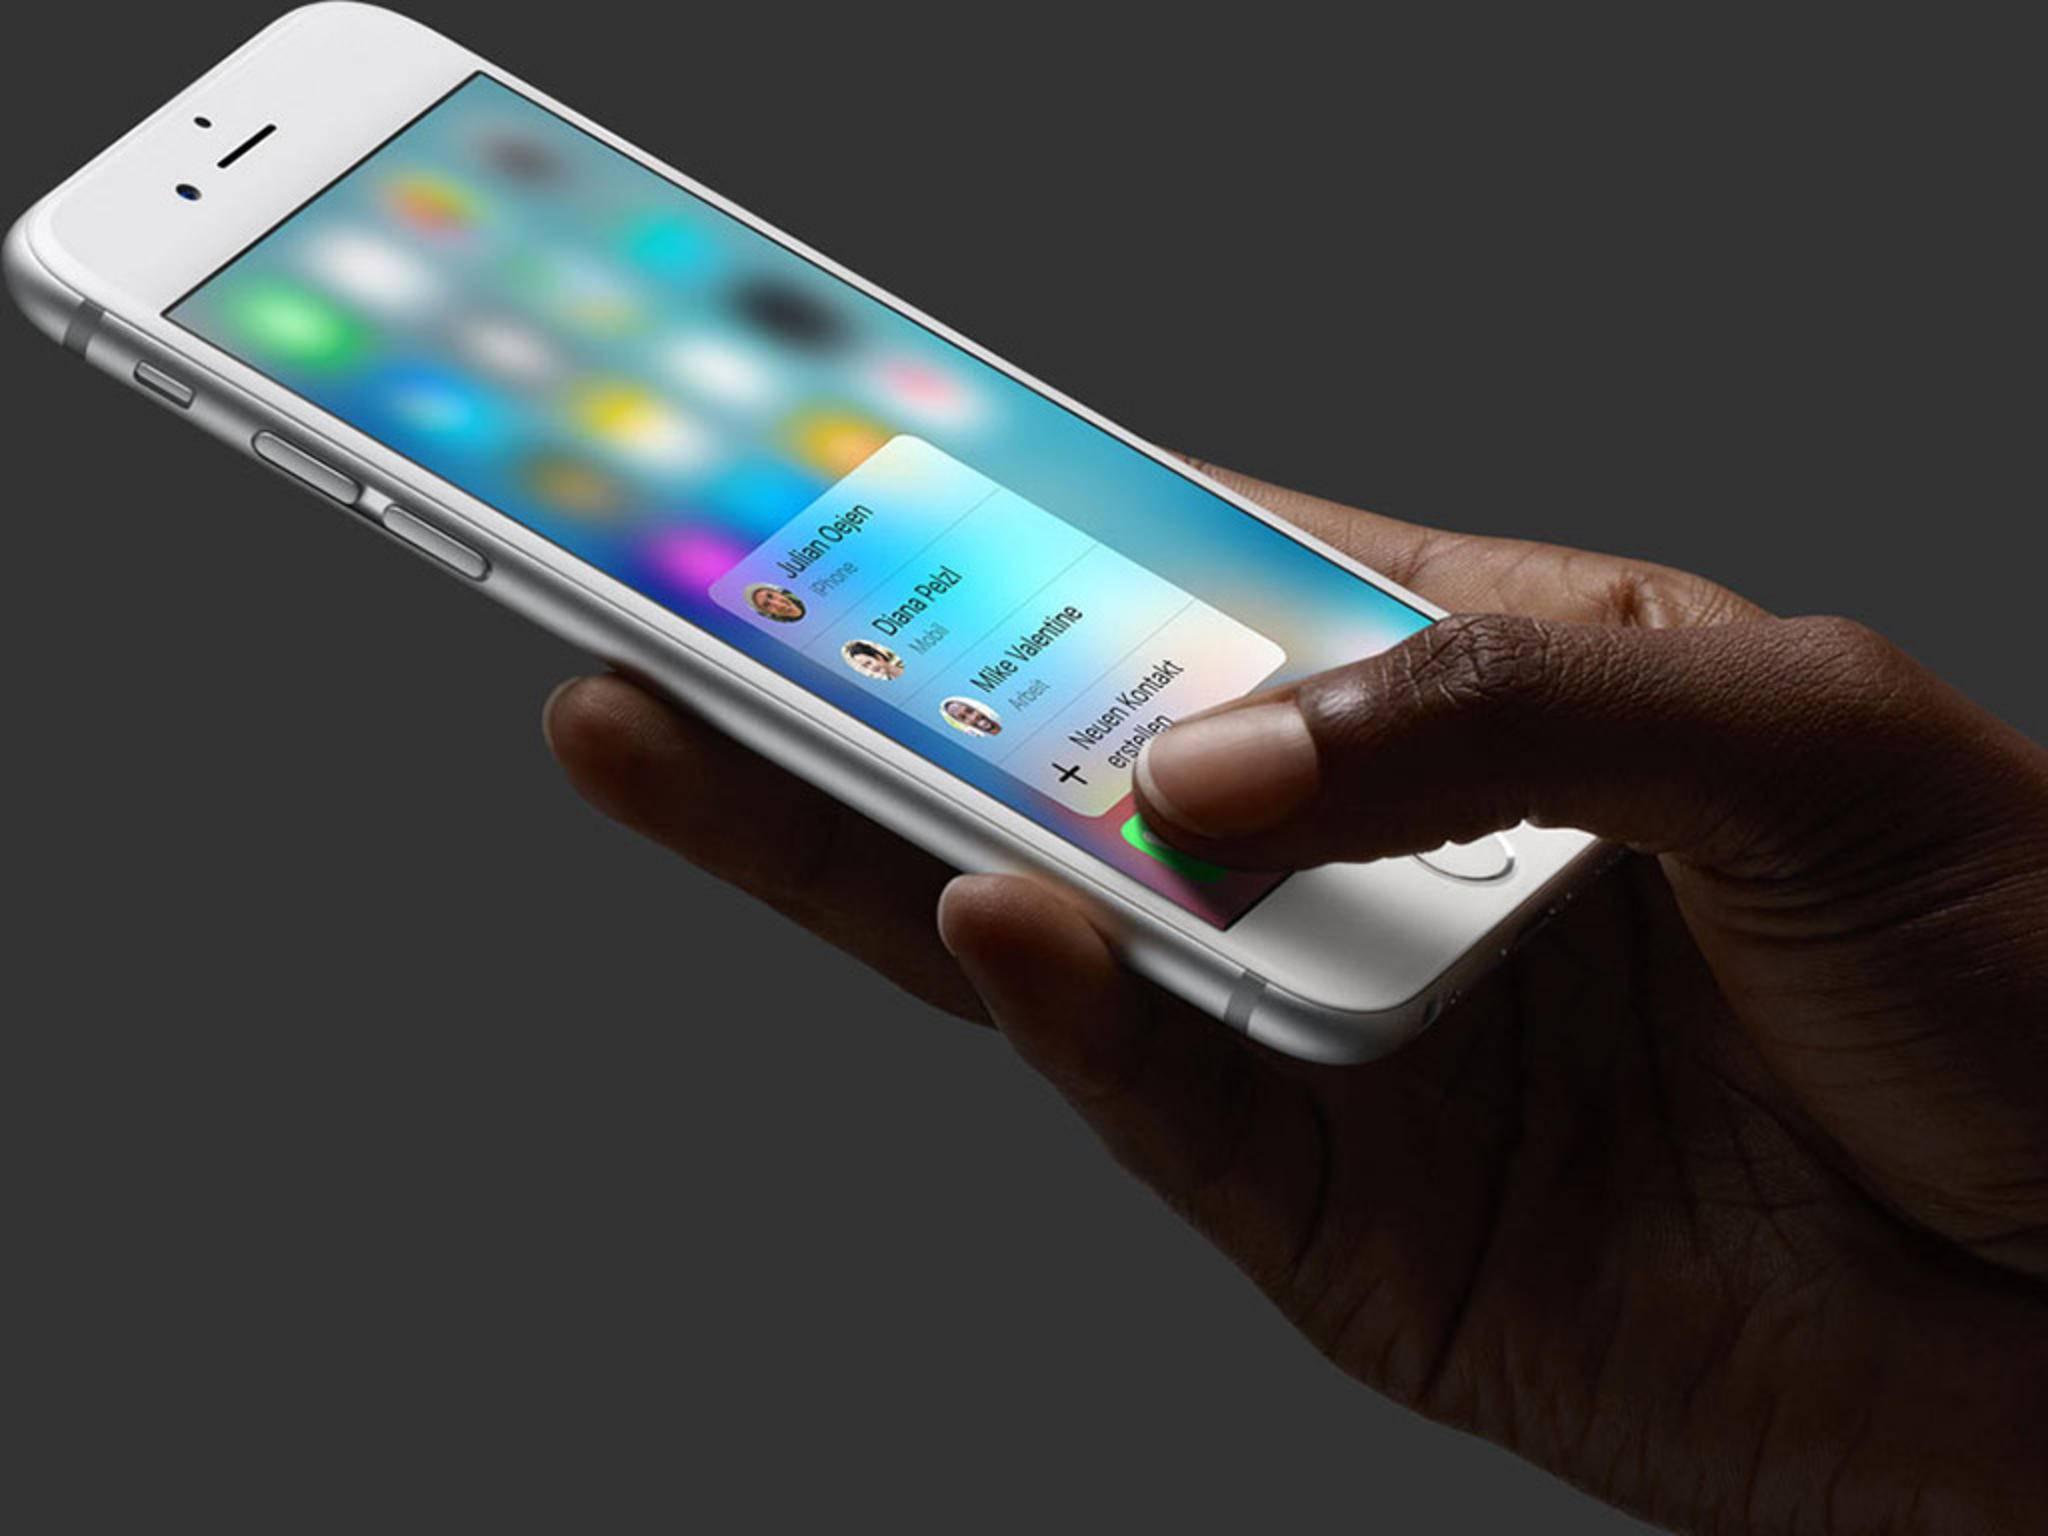 Belauscht das iPhone 6s mit Siri den Benutzer?